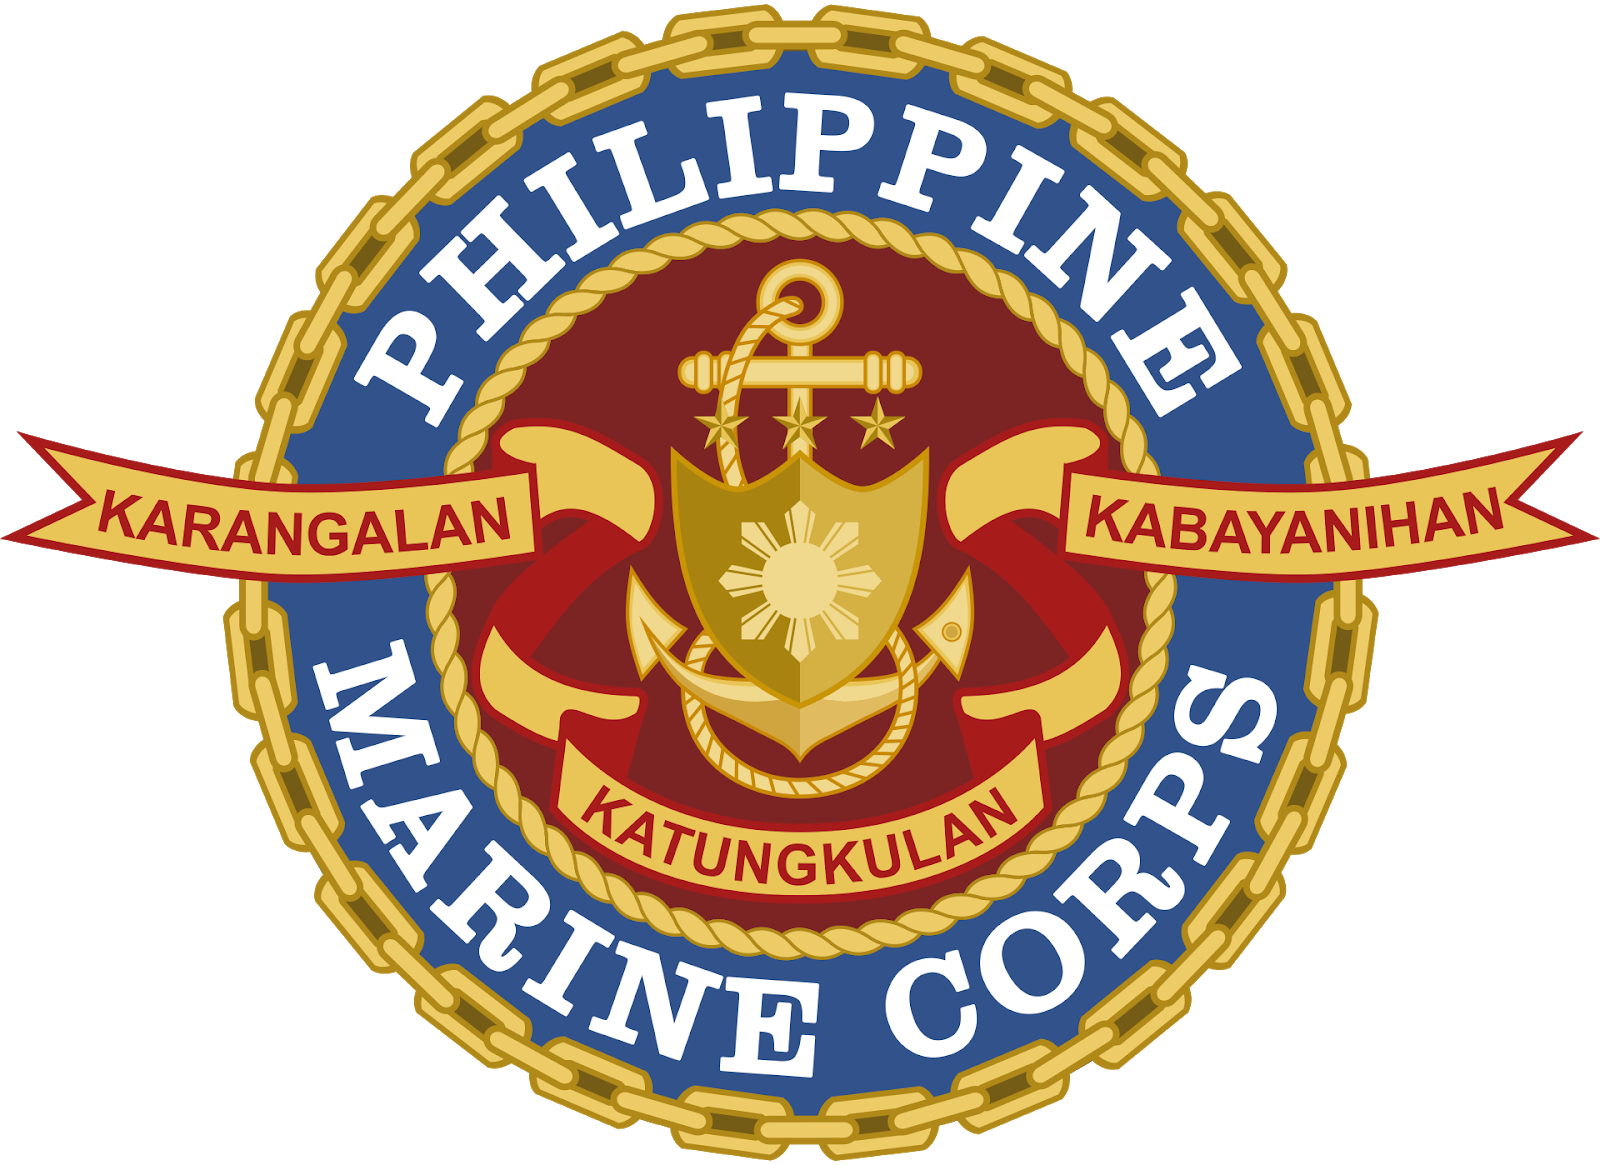 Philippine Marine Corps